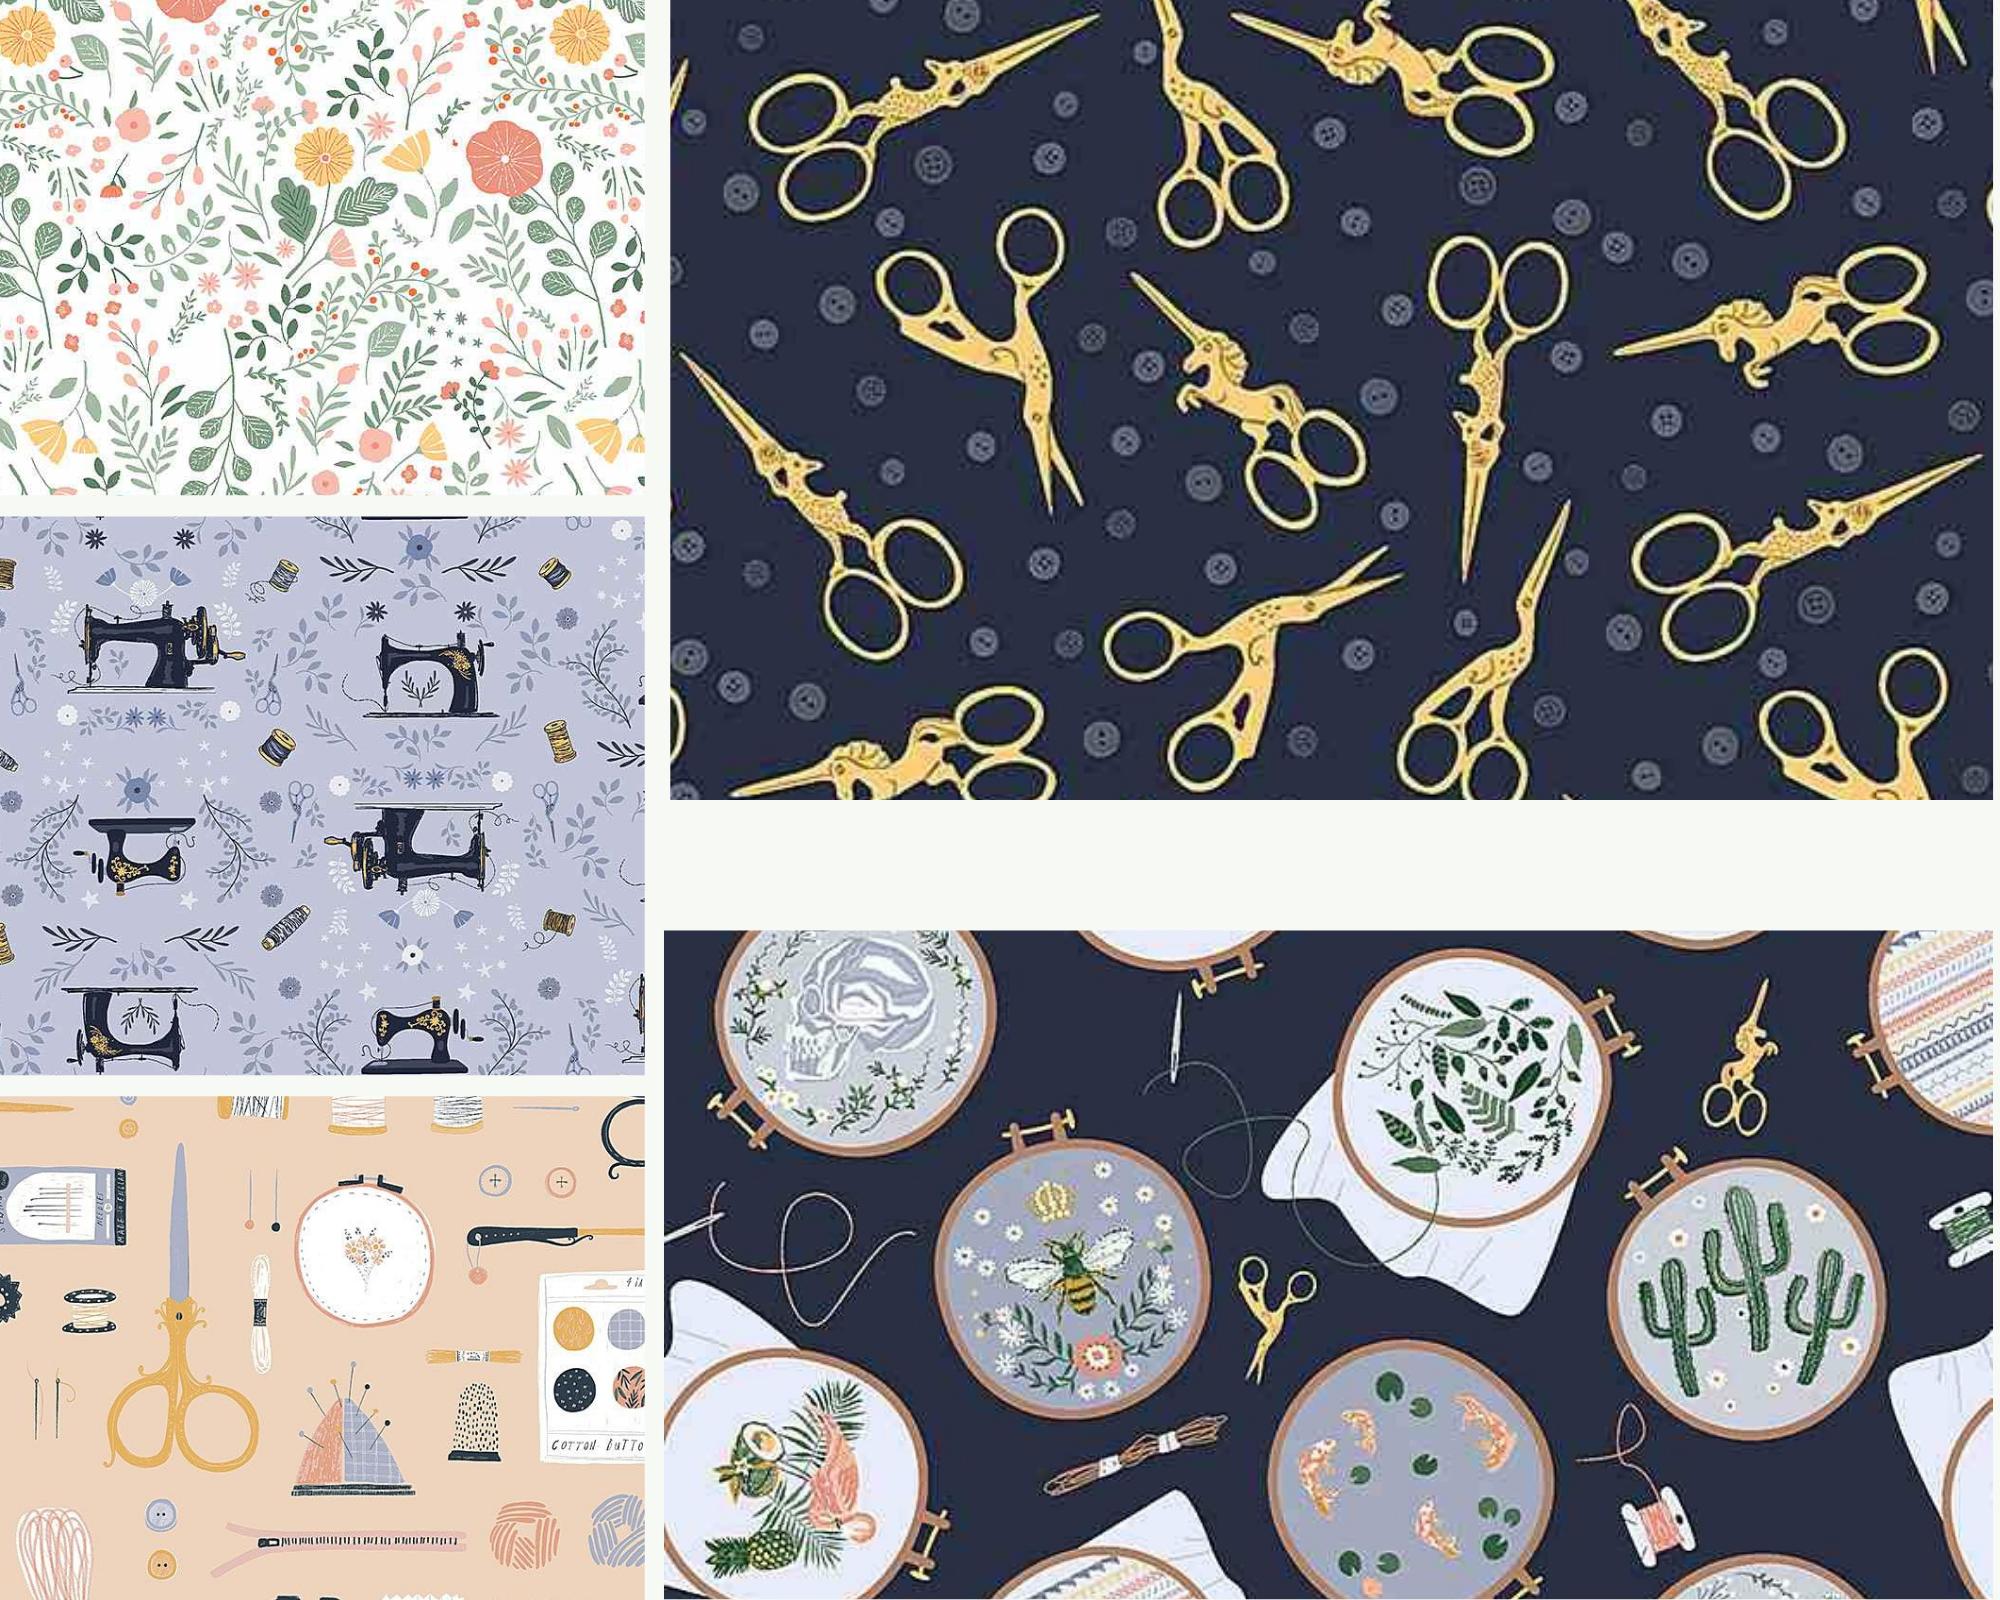 Sew On & Sew Forth - Fat Quarter Bundle 5pc/bundle - By Dear Stella Designs